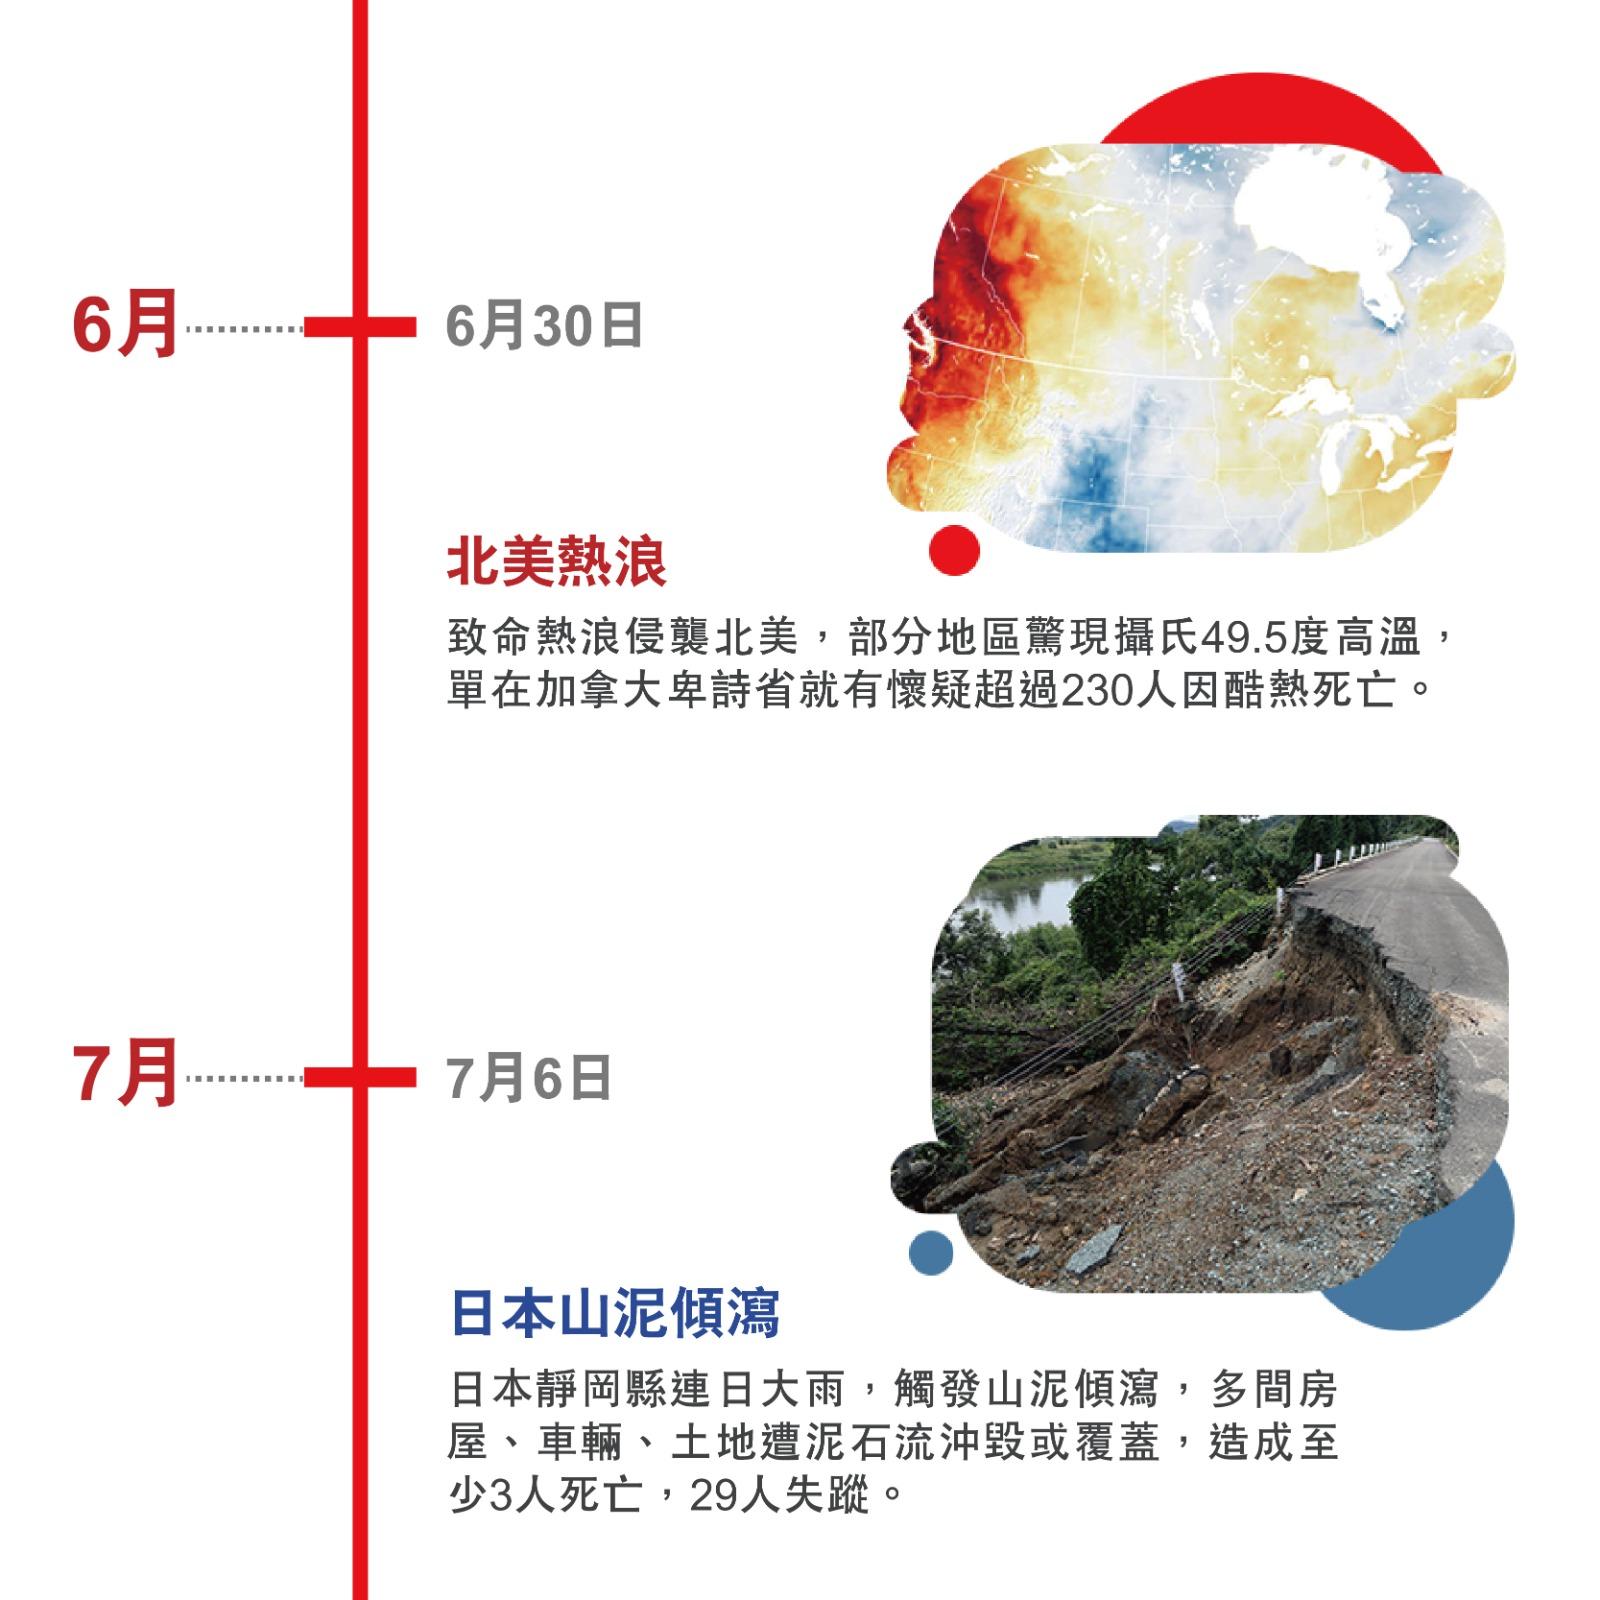 6月 6月30日 北美熱浪 致命熱浪侵襲北美,部分地區驚現攝氏49.5度高溫,單在加拿大卑詩省就有懷疑超過230人因酷熱死亡。 7月 7月6日 日本山泥傾瀉 日本靜岡縣連日大雨,觸發山泥傾瀉,多間房屋、車輛、土地遭泥石流沖毀或覆蓋,造成至少3人死亡,29人失蹤。